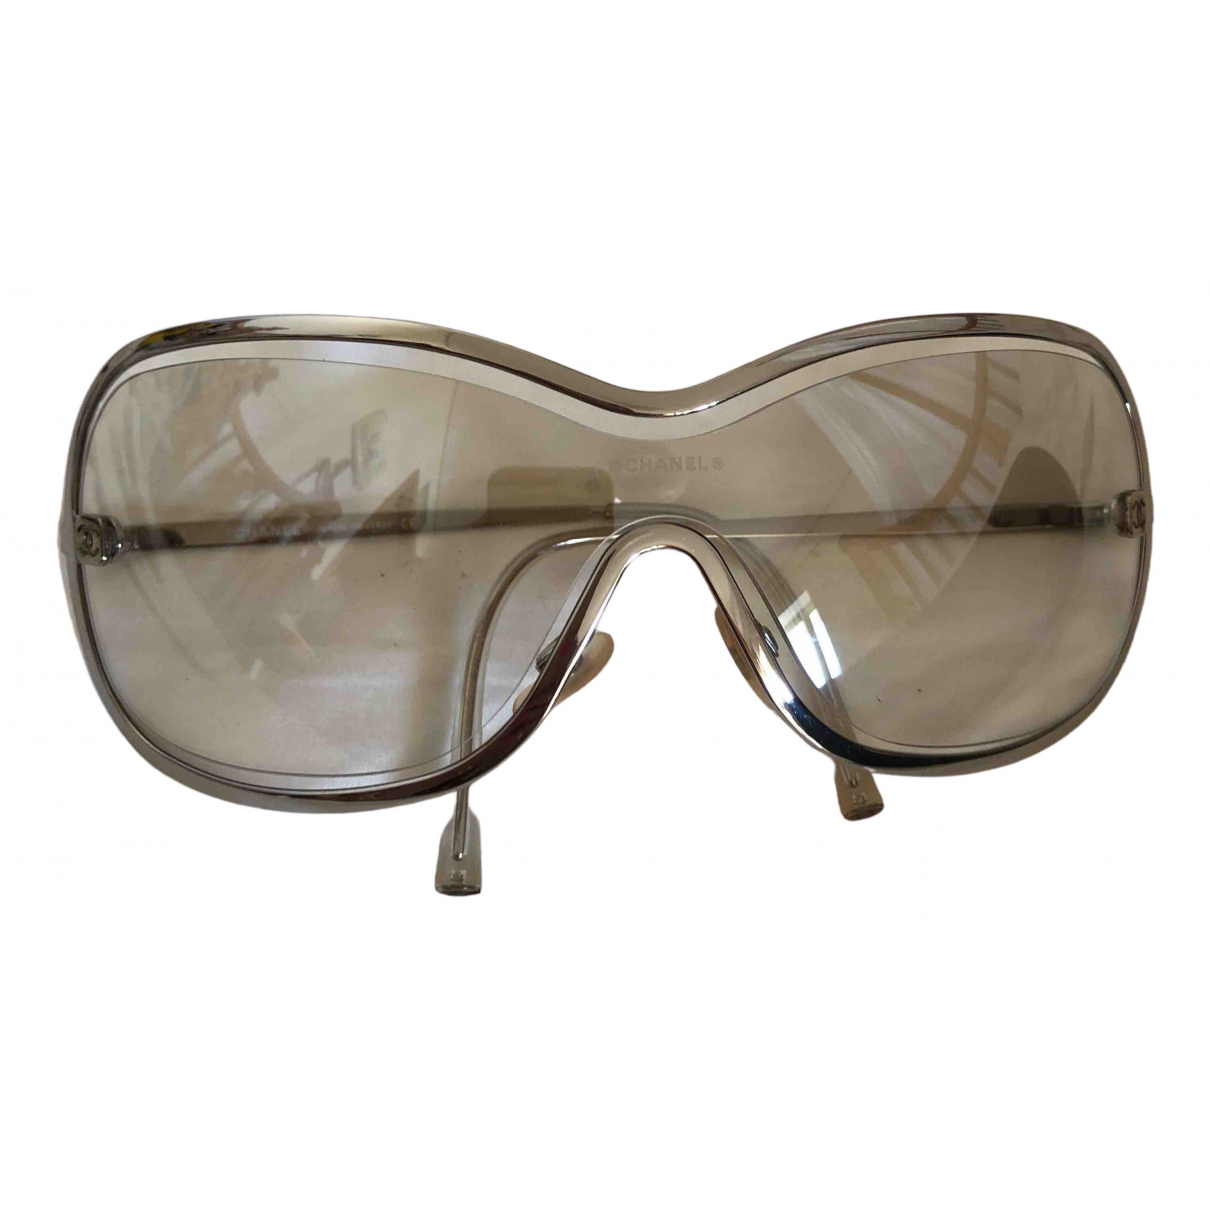 Chanel \N Sonnenbrillen in  Silber Metall